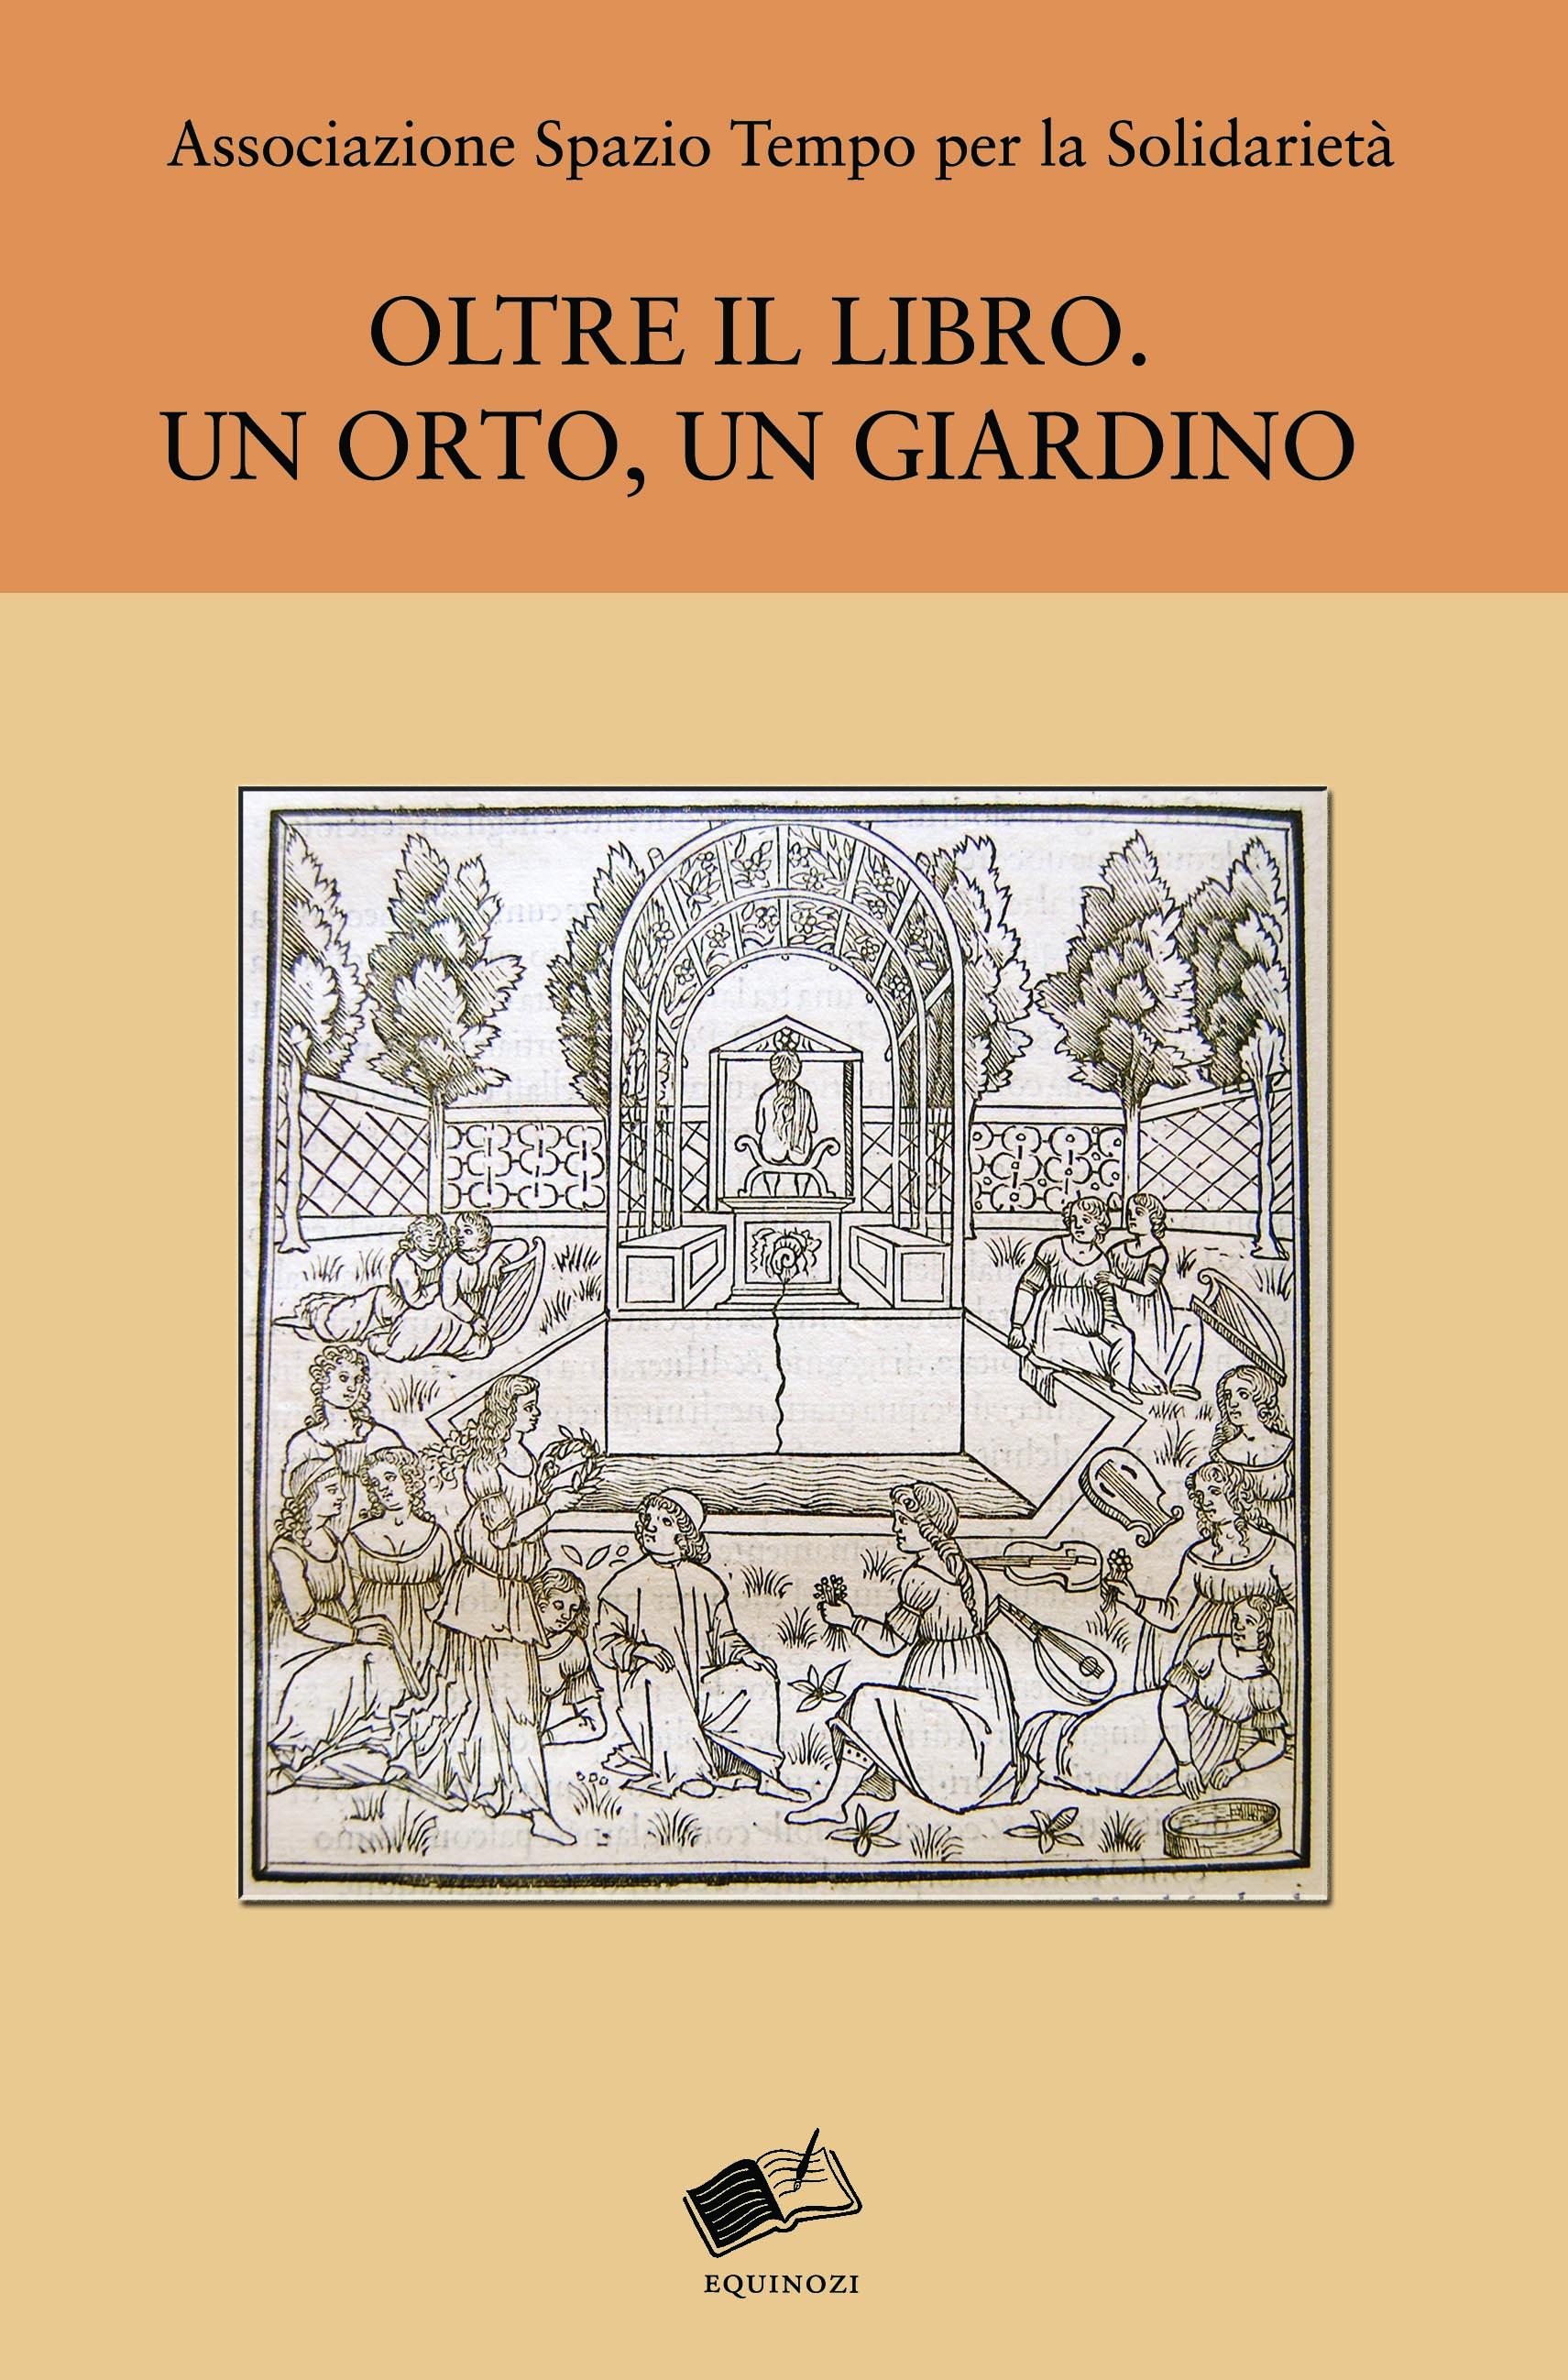 Oltre il libro_coverfront_bassa